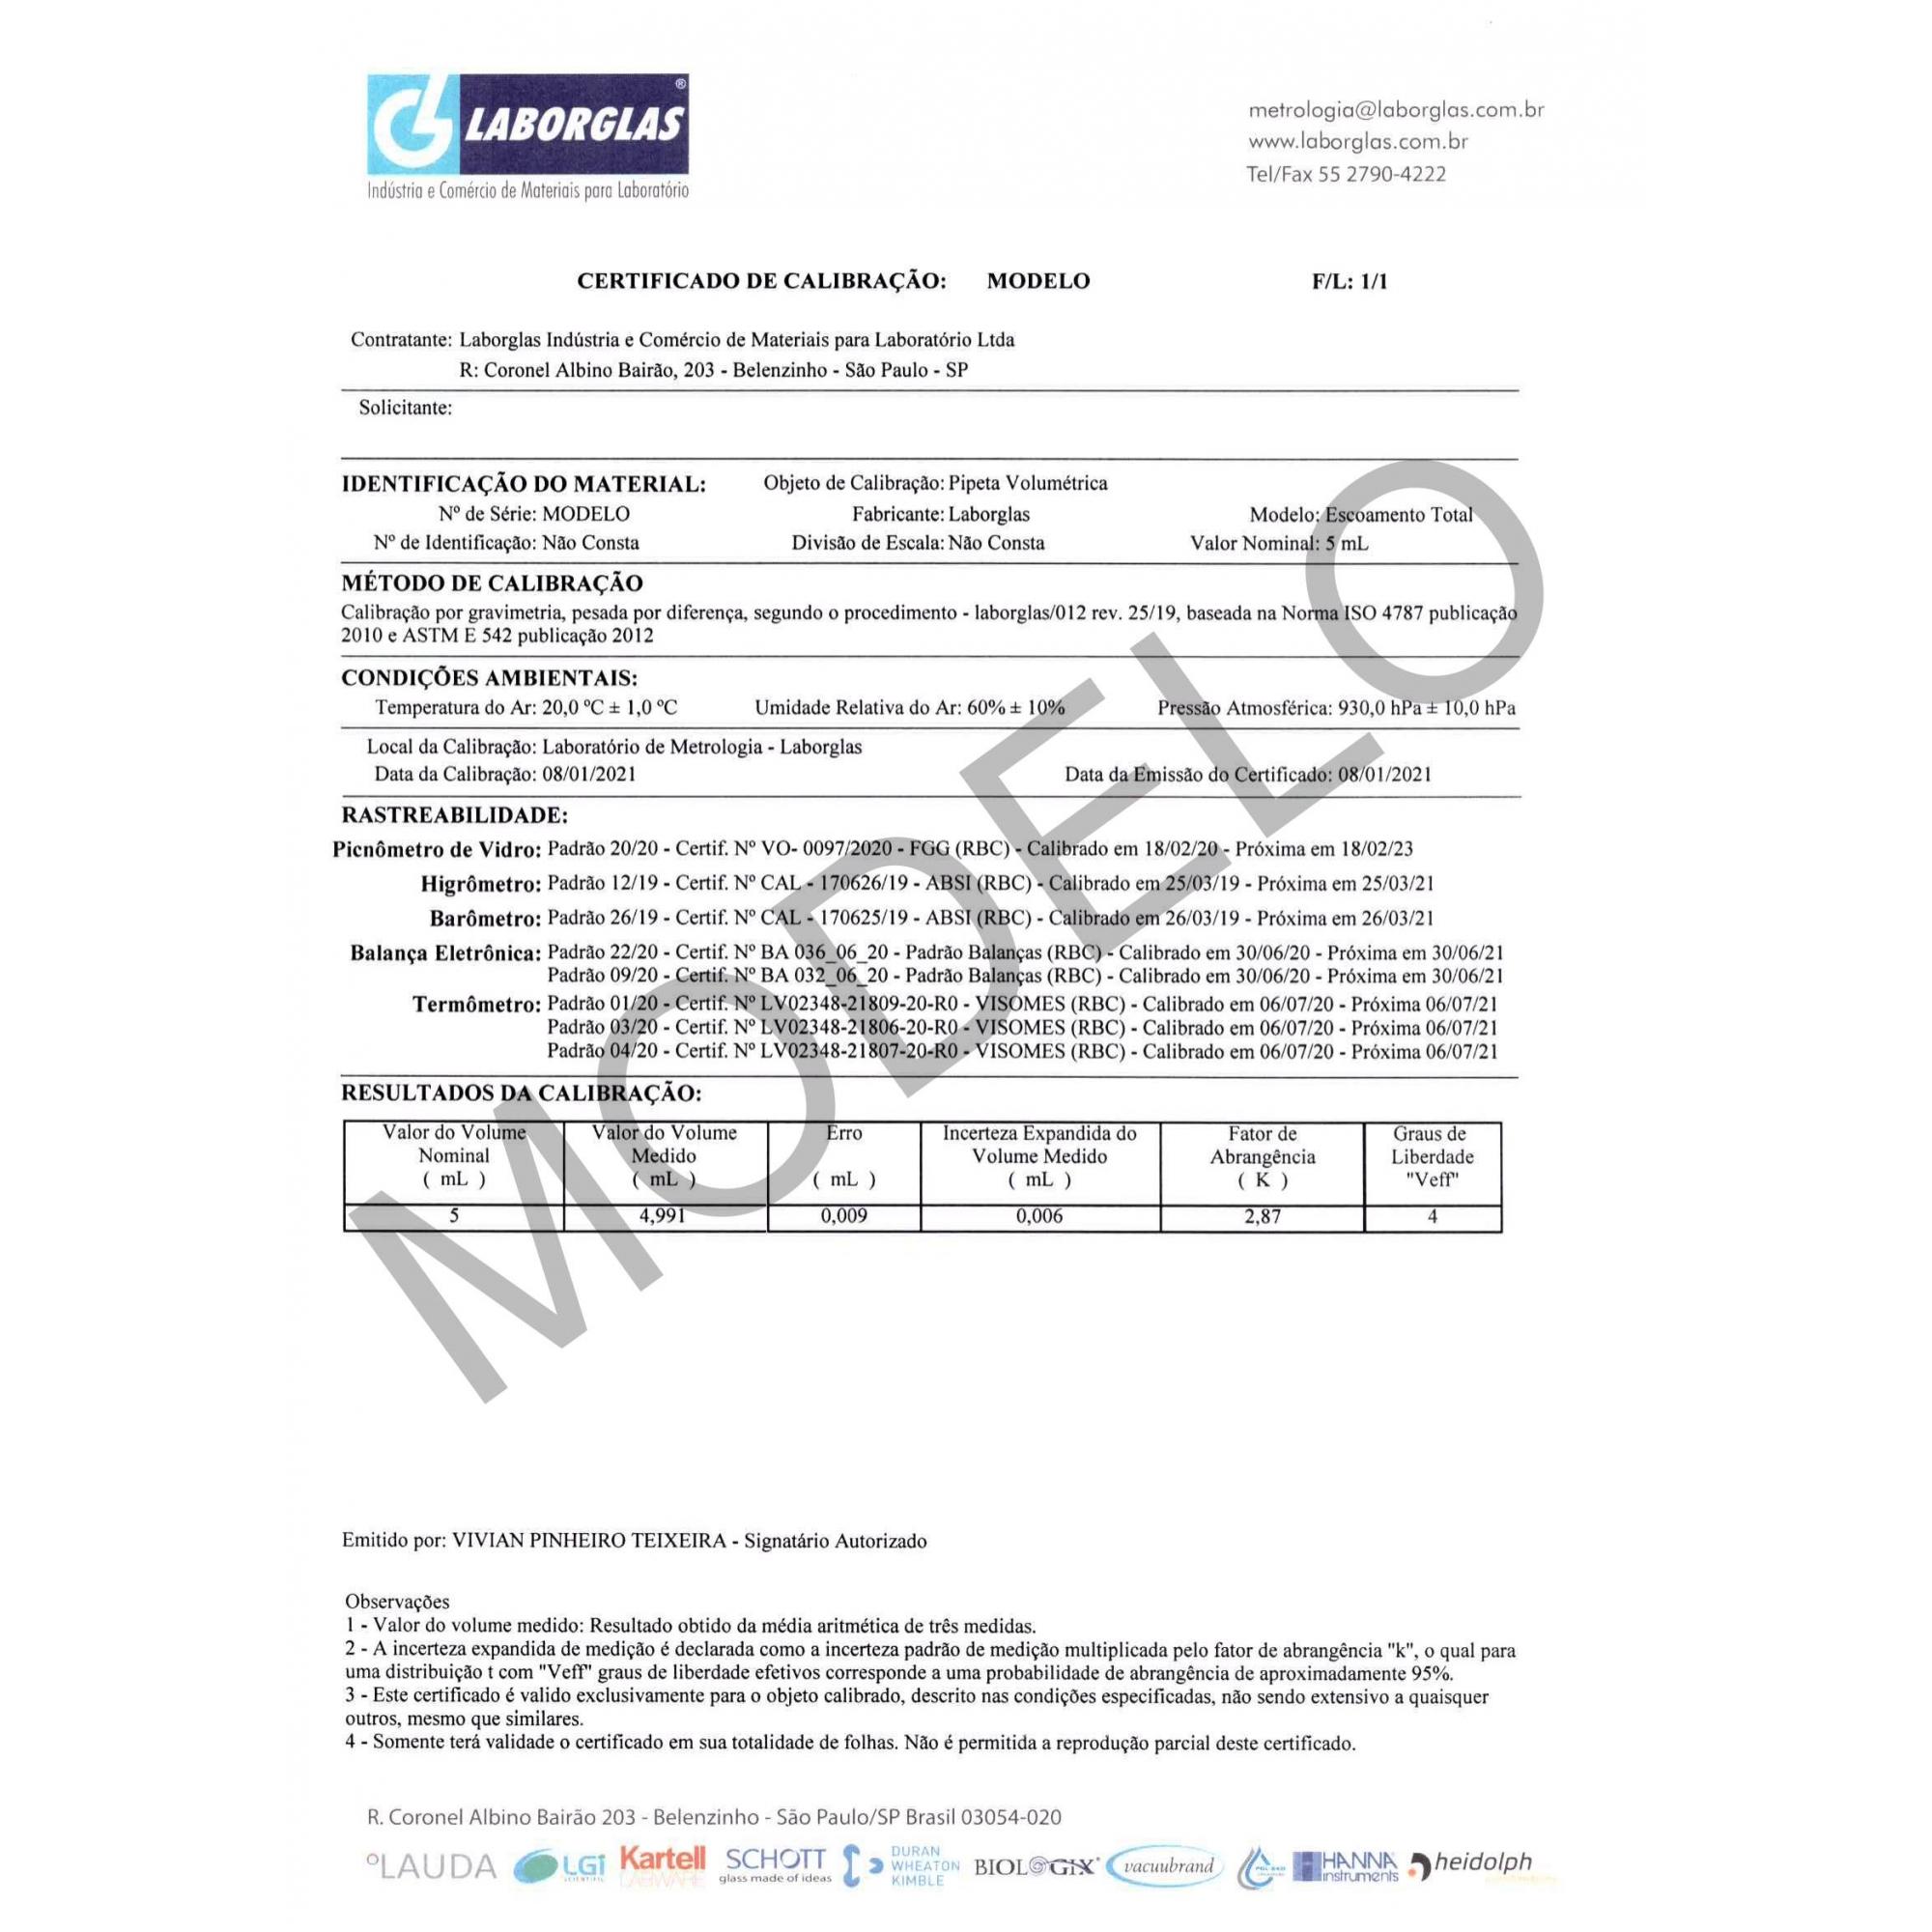 PIPETA VOLUMÉTRICA ESGOTAMENTO TOTAL 1,5 ML CERTIFICADO RASTREÁVEL - Laborglas - Cód. 9433719-C